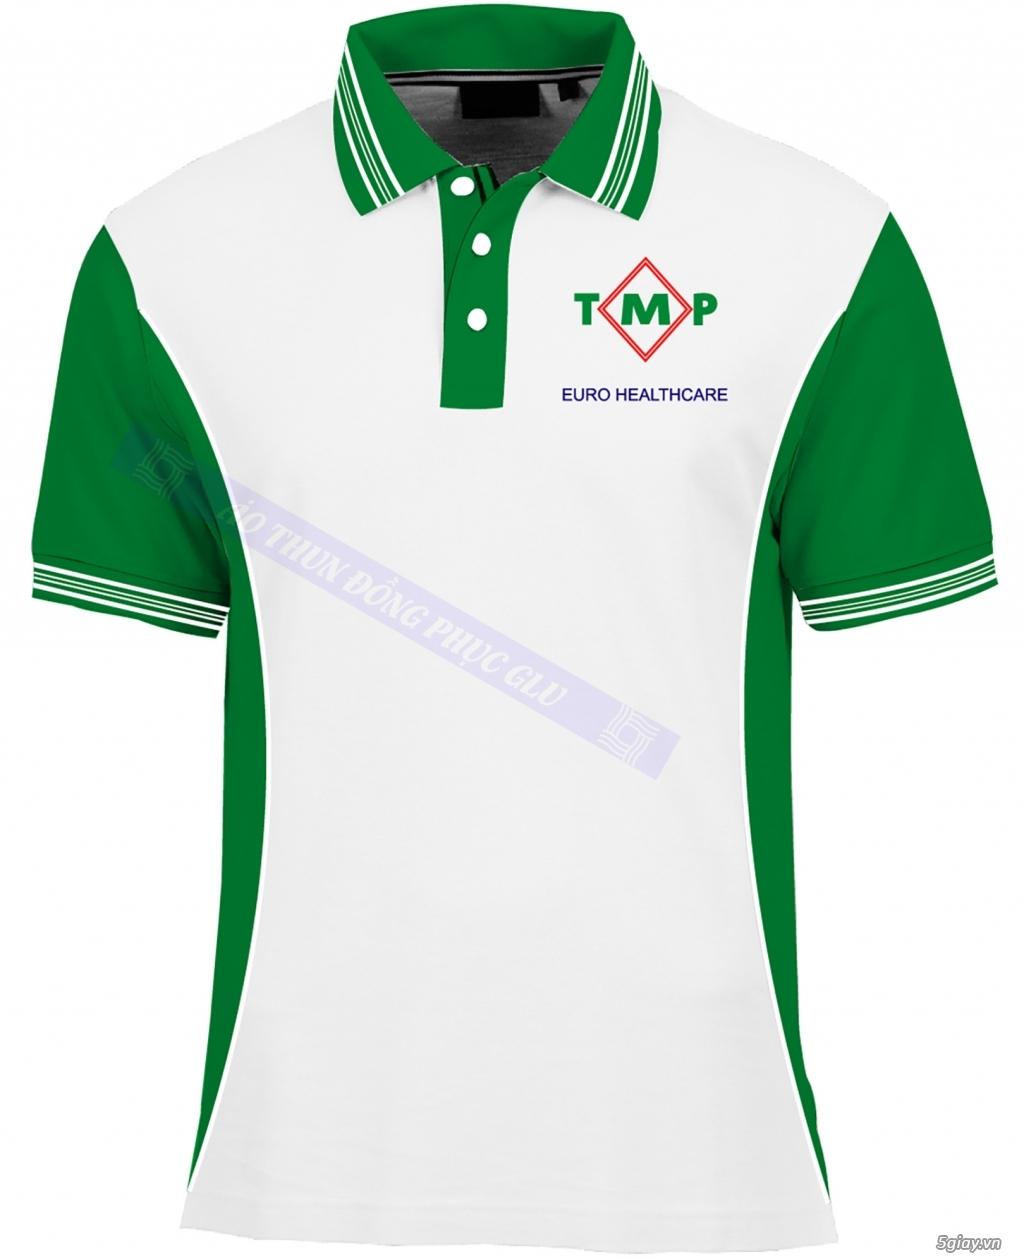 May áo thun đồng phục cao ty chất lượng, giá rẻ nhất TPHCM - 29